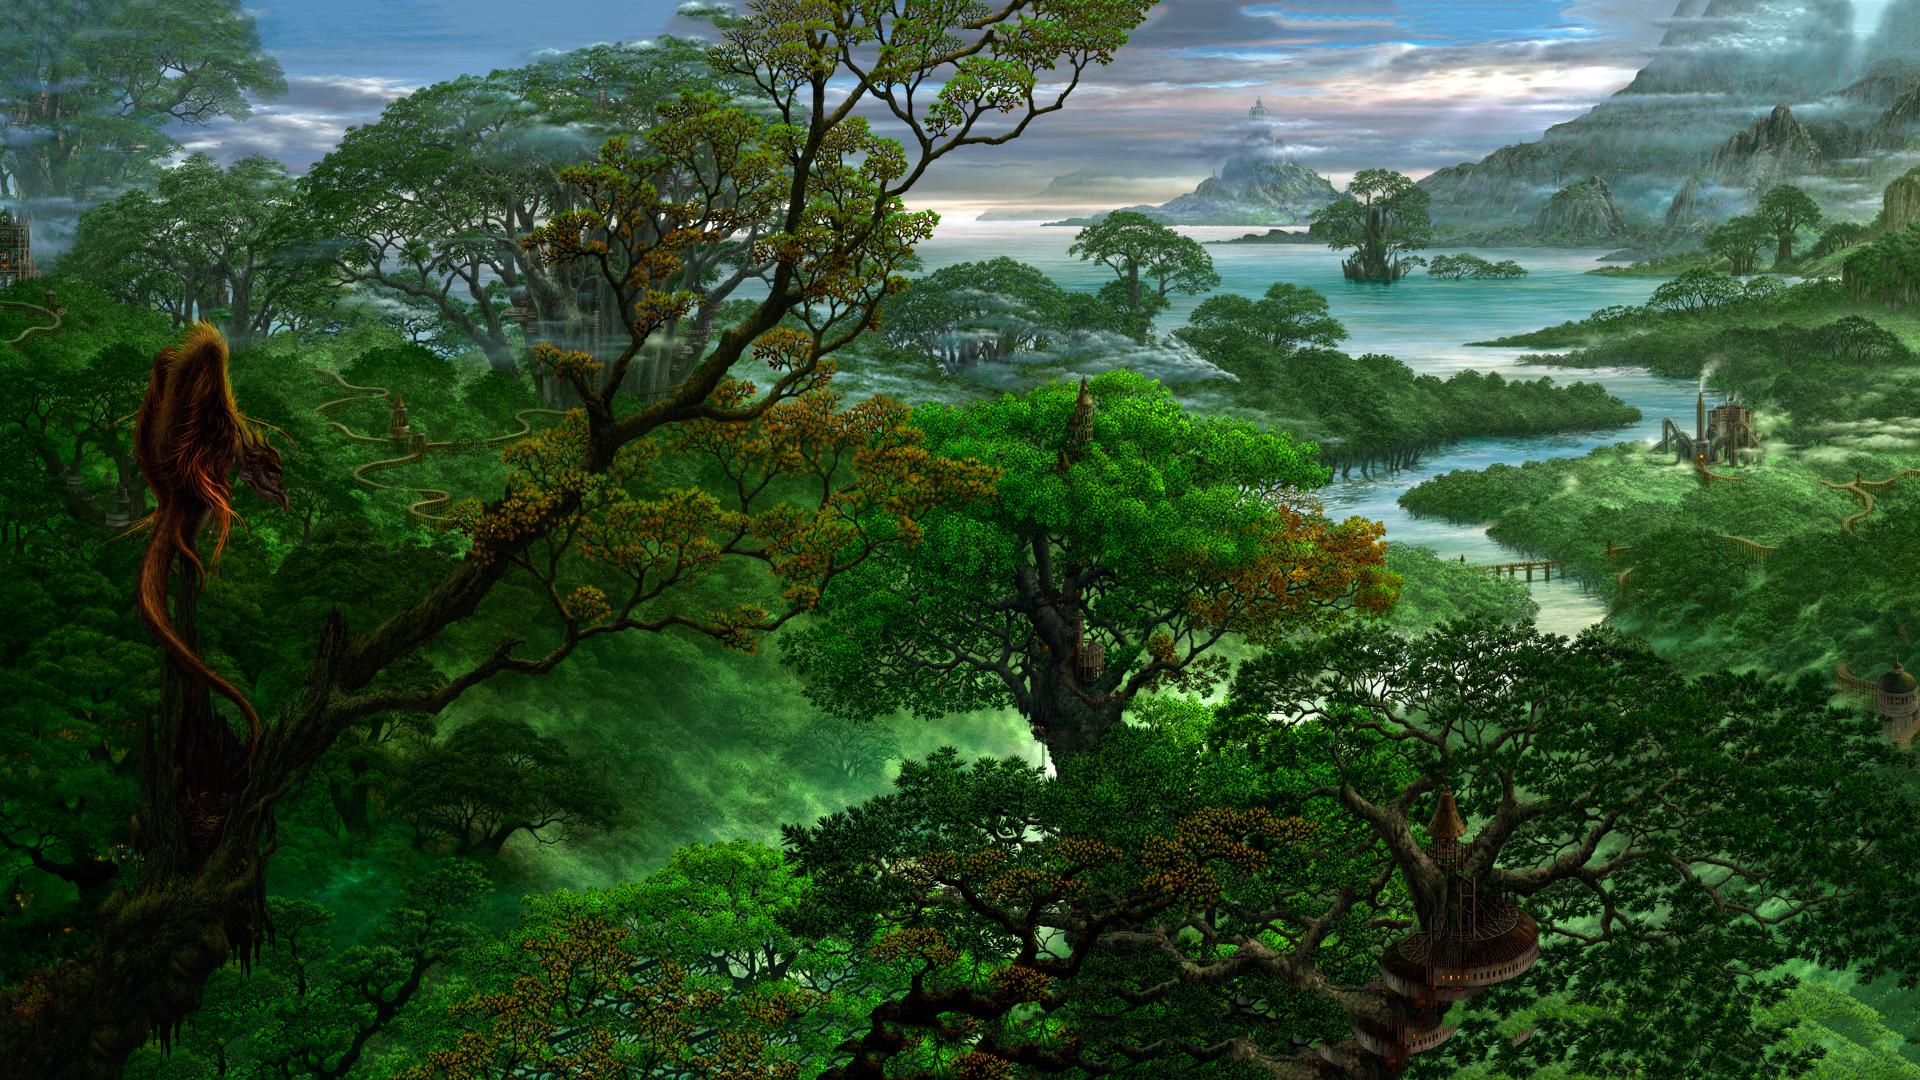 Magische Dschungel - Dschungel Hintergrund PNG